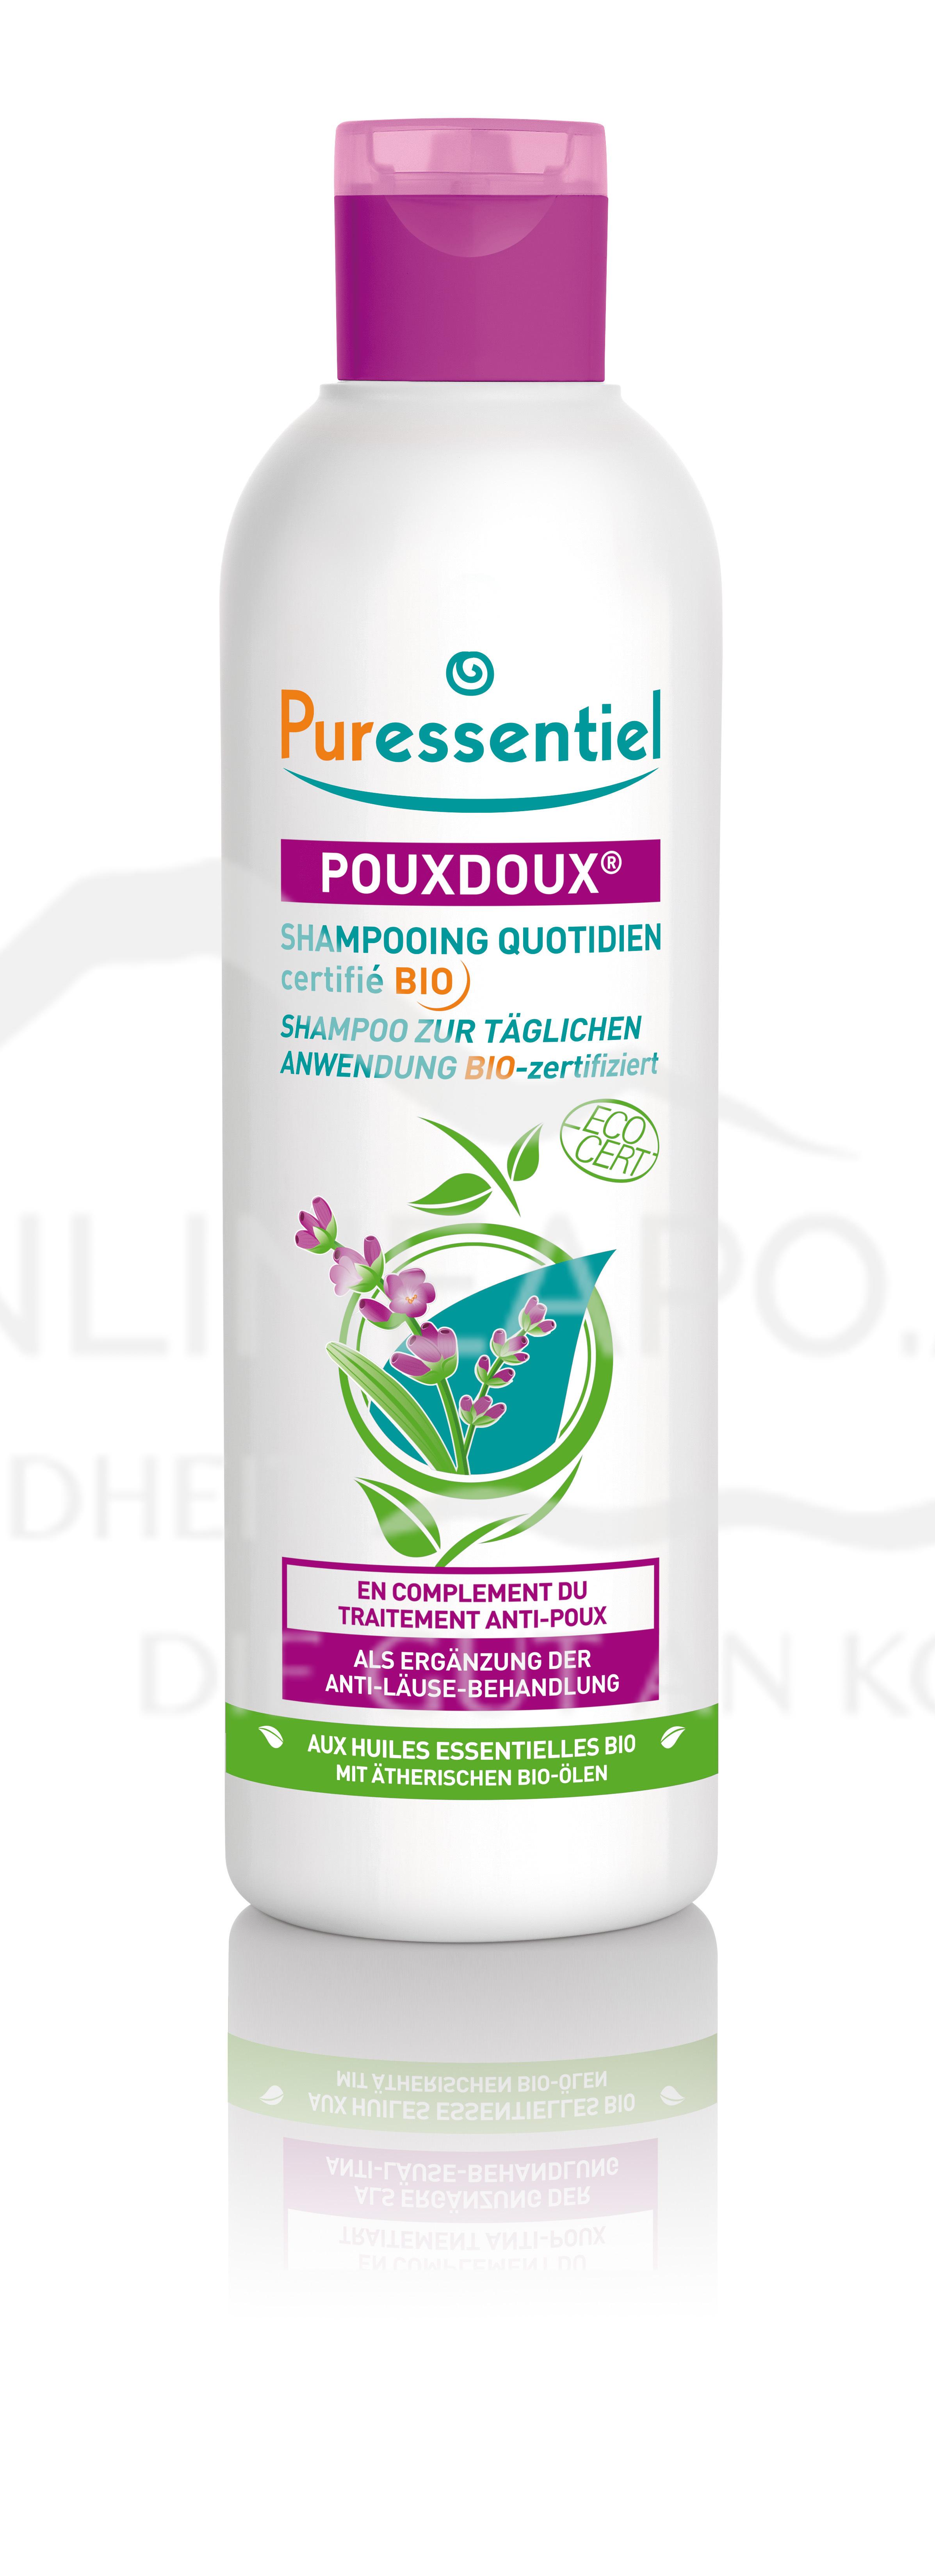 Puressentiel Pouxdoux® Shampoo